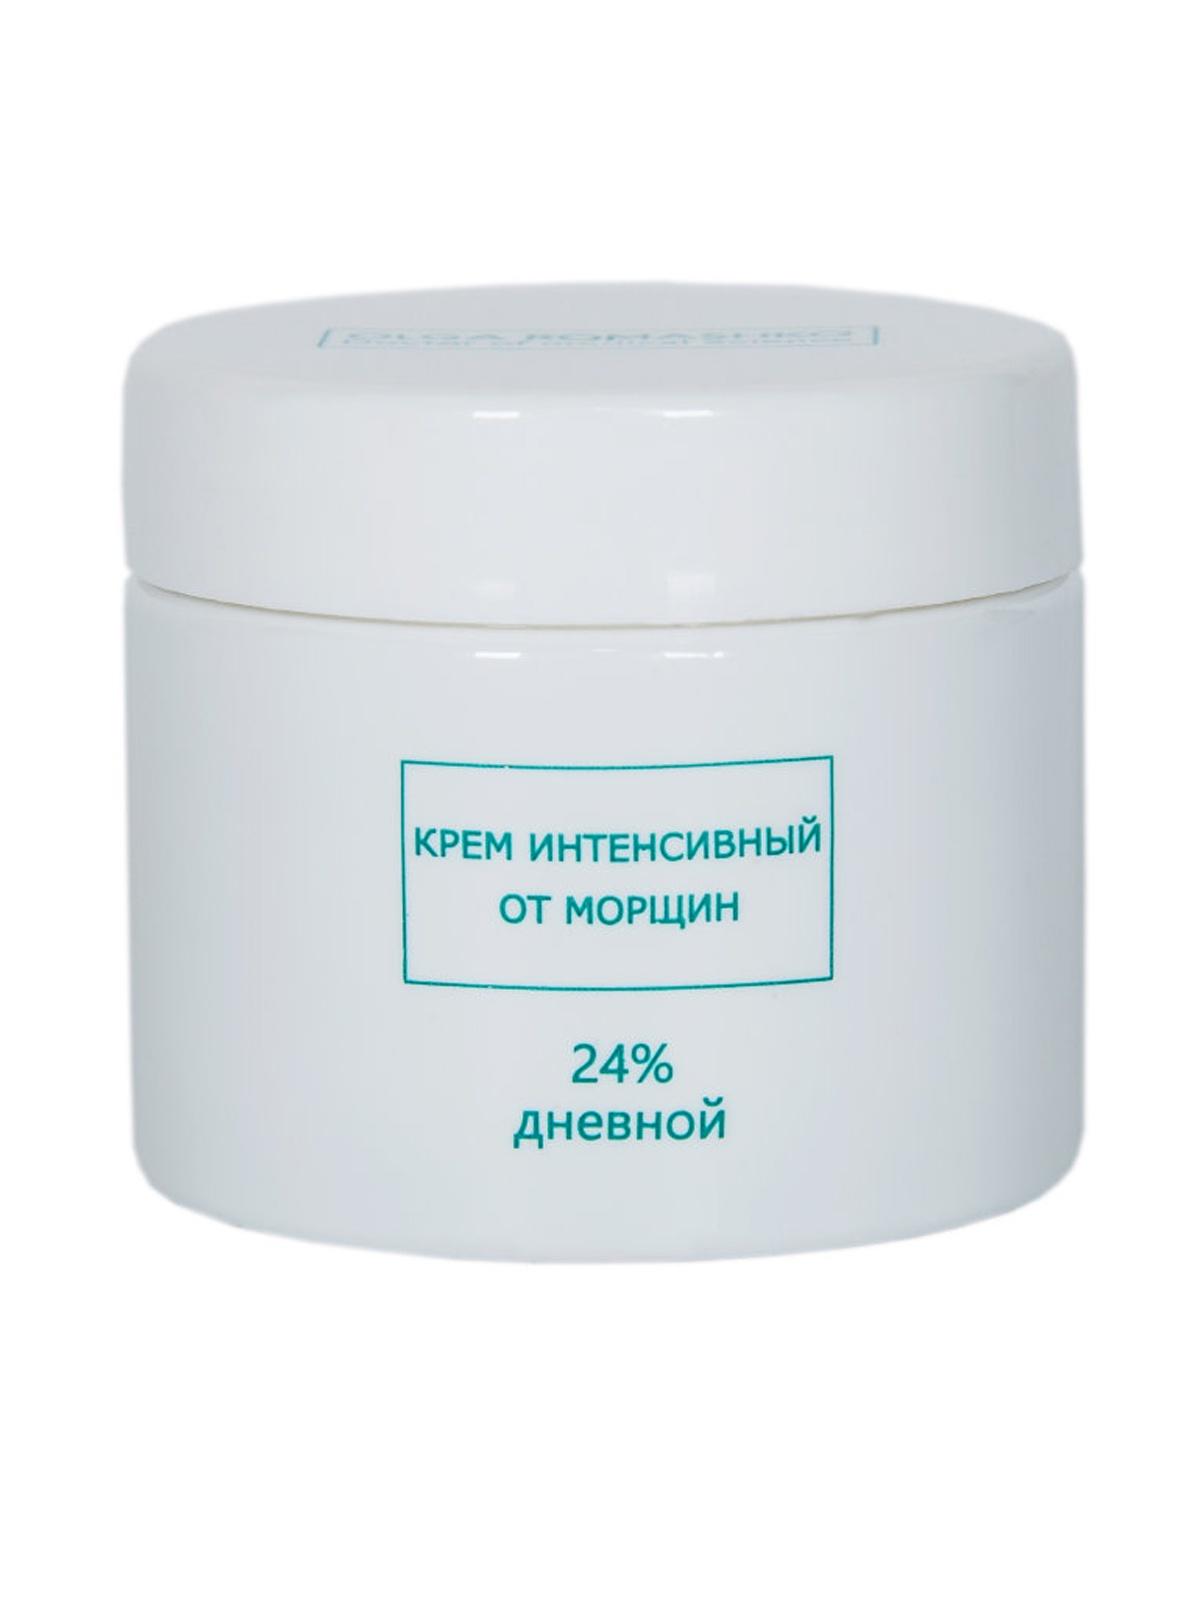 Крем интенсивный от морщин 24% КРЕМ предназначен для сухой, нормальной и комбинированной кожи после...